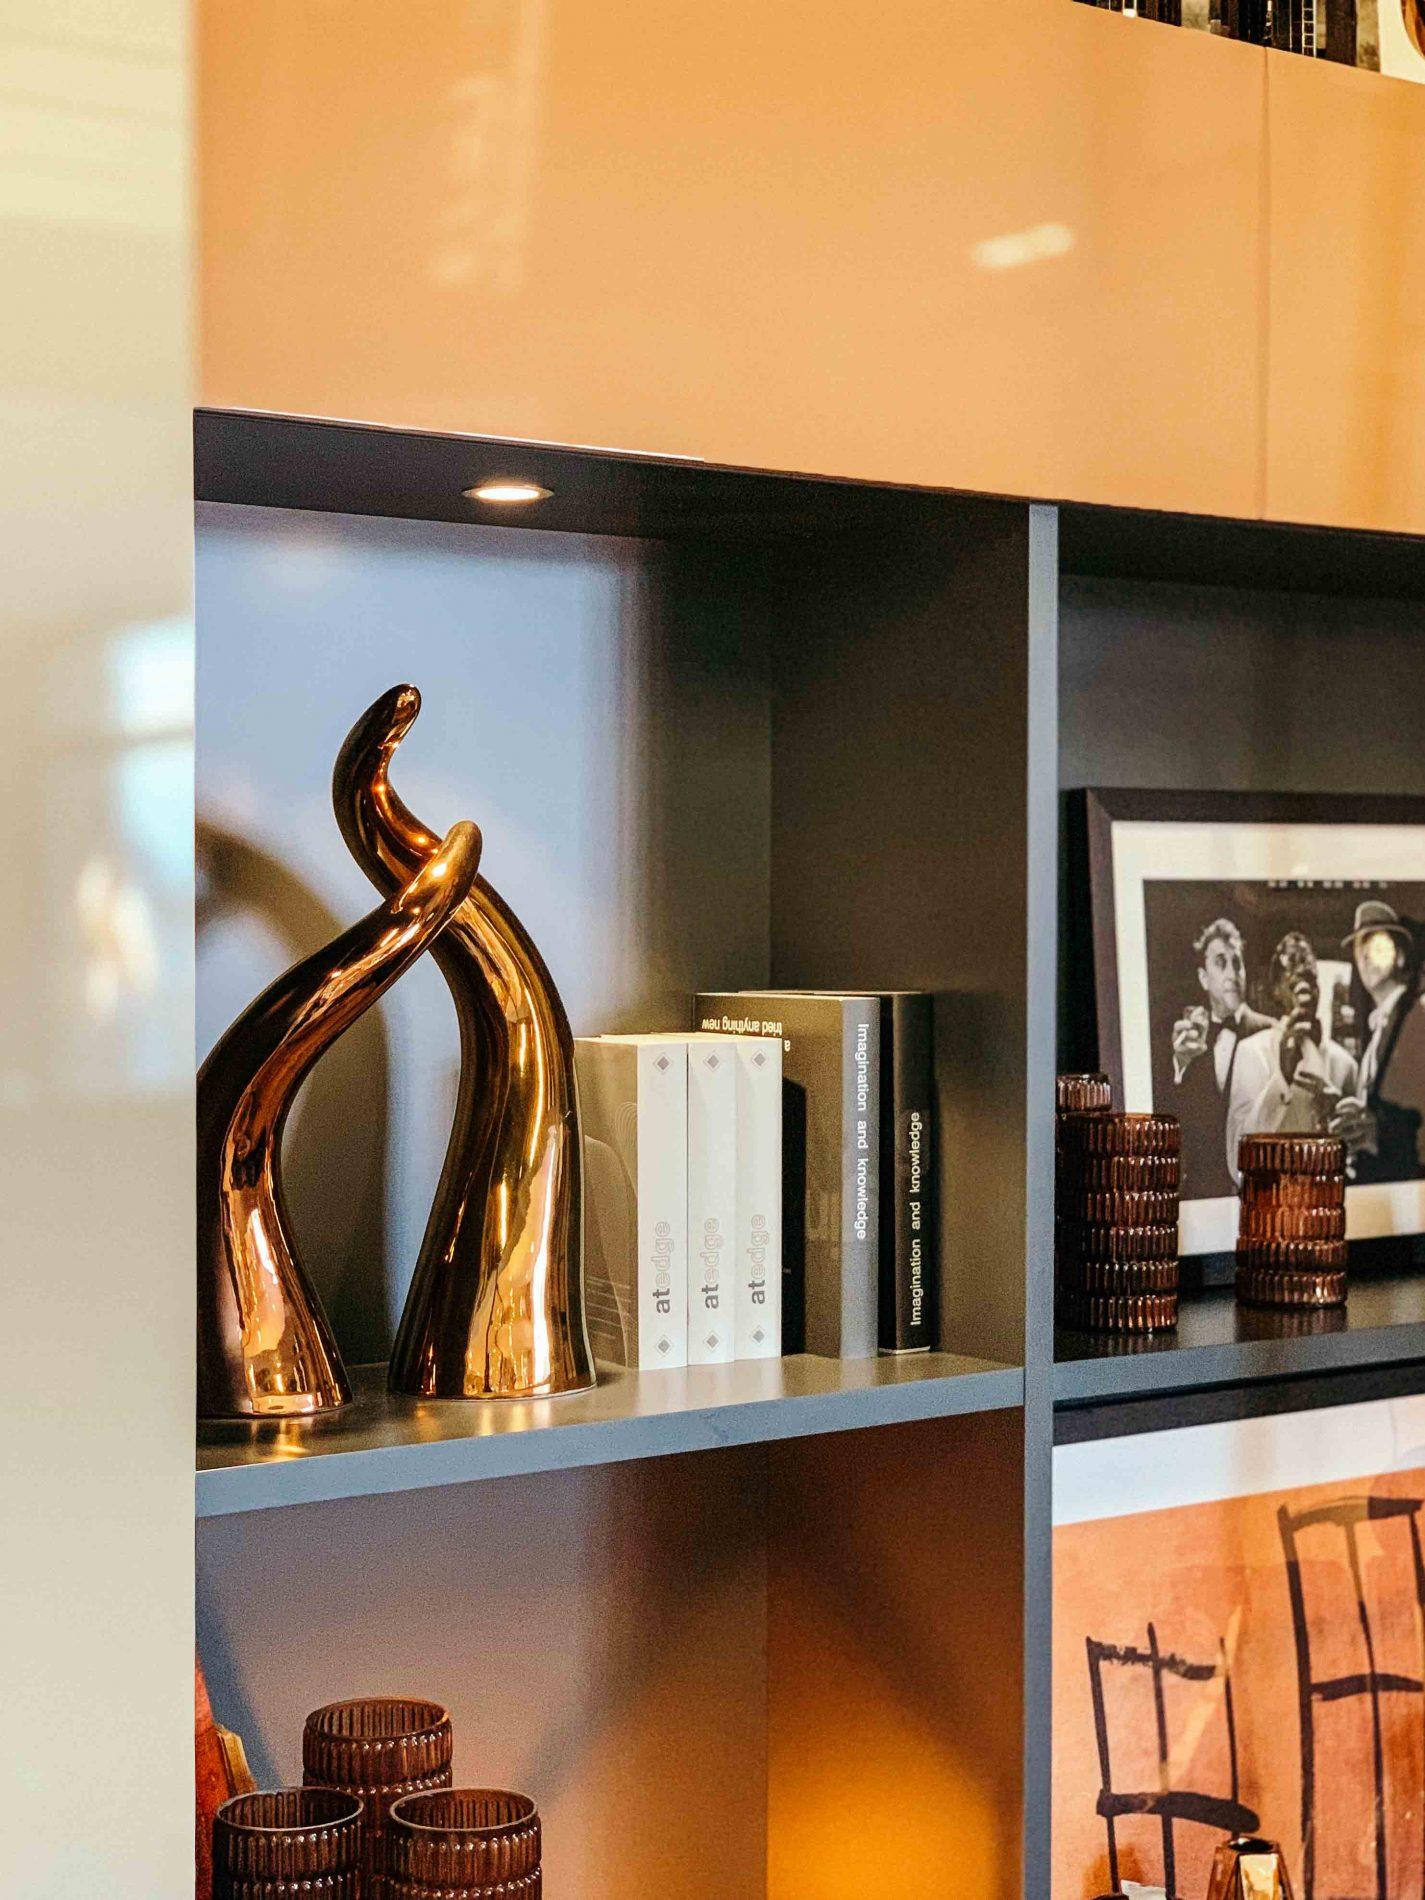 Bureau Bibliothèque sur-mesure terracotta et anthracite - focus sur une étagère éclairée